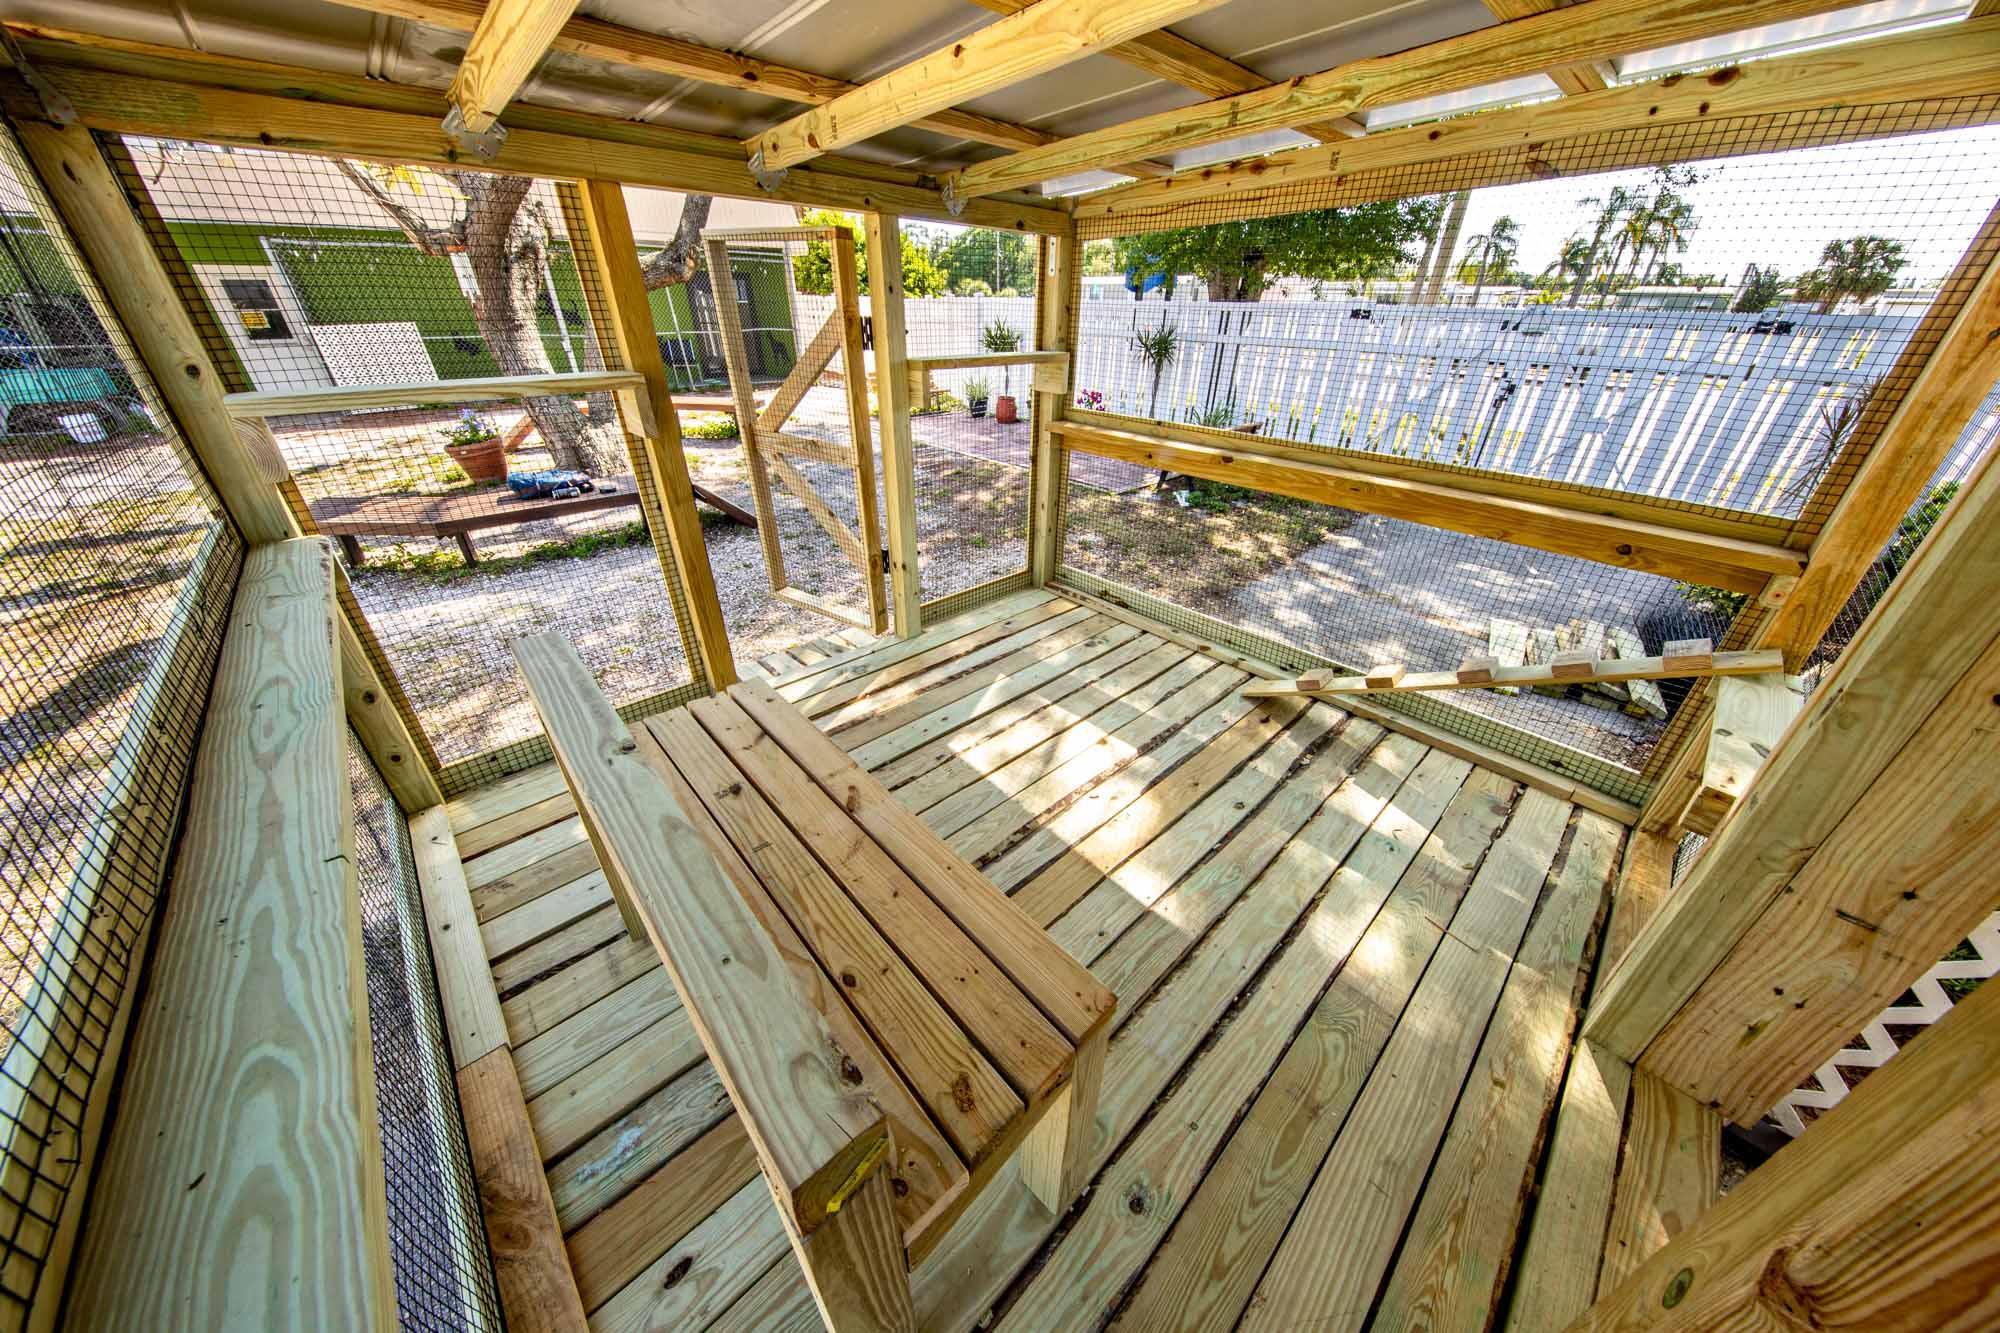 Humane Society of Manatee County Catio Build Interior